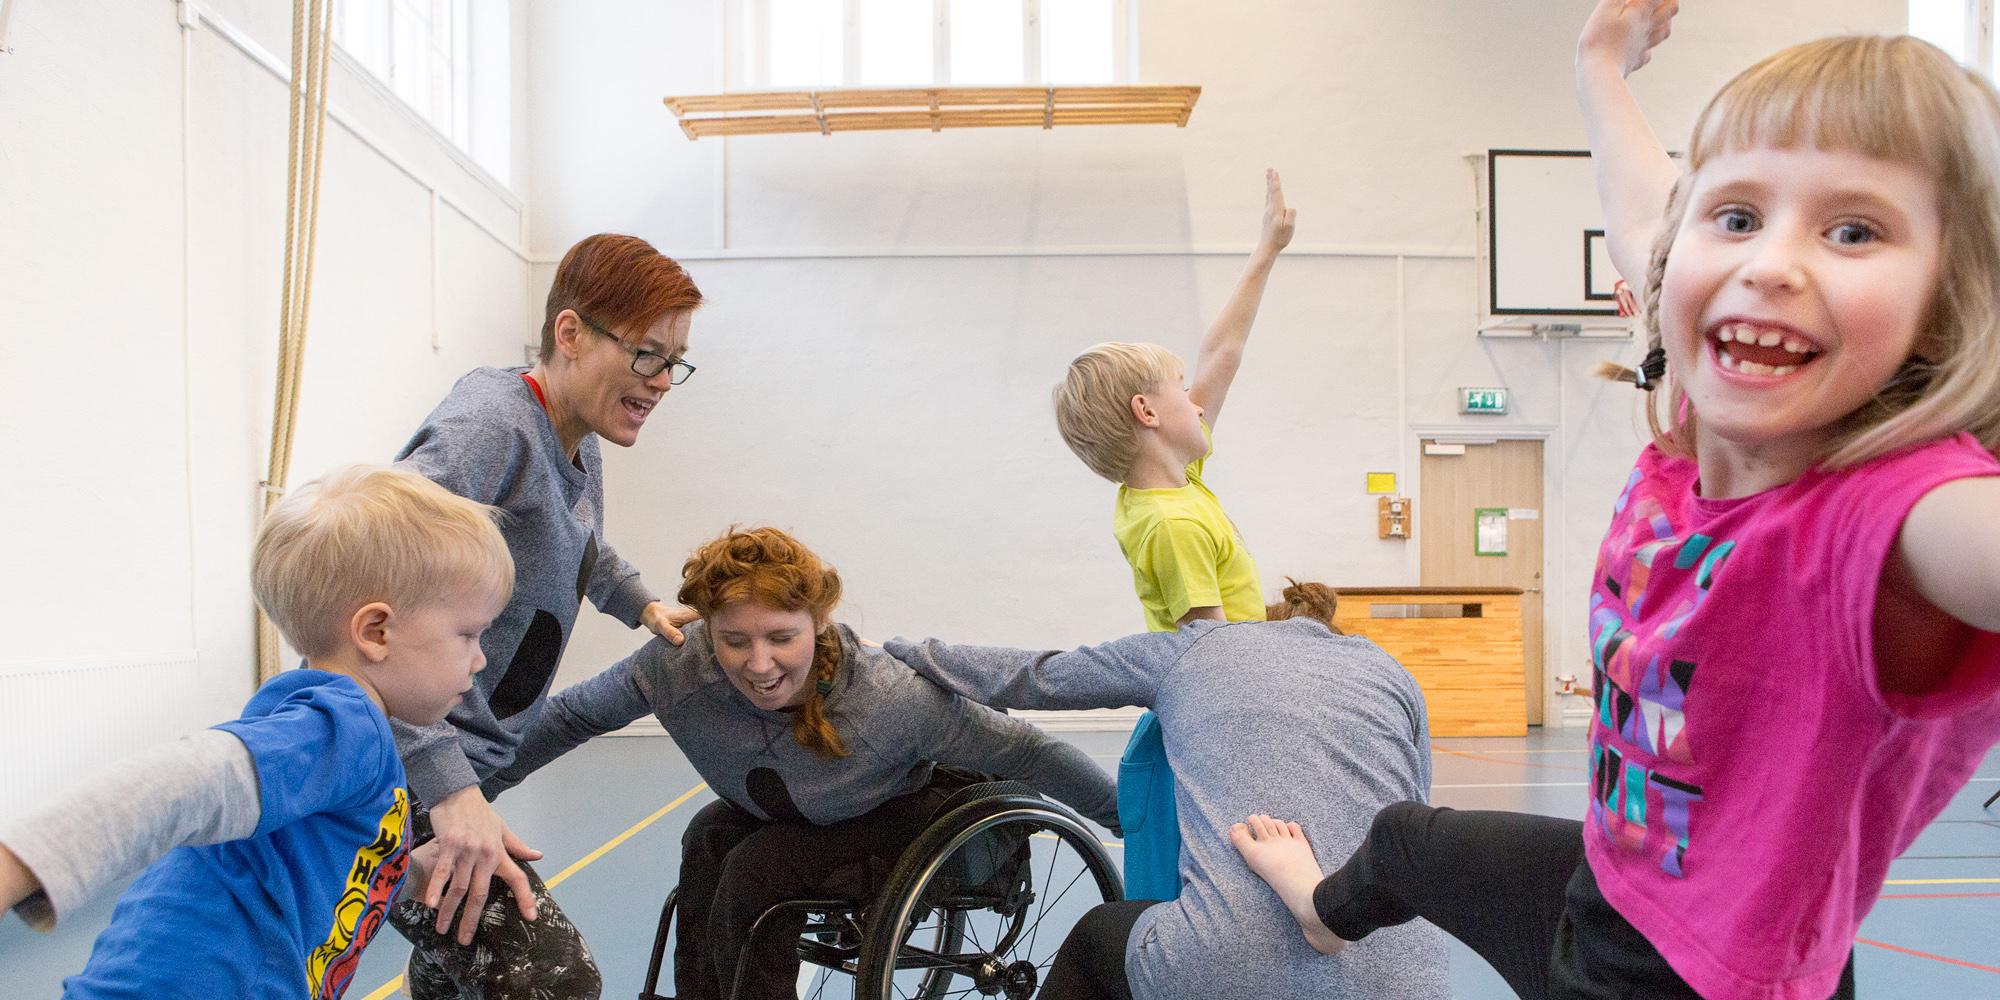 Bild från dansworkshop för barn tillsammans med dansare från Spinn. Foto Maja Blomqvist